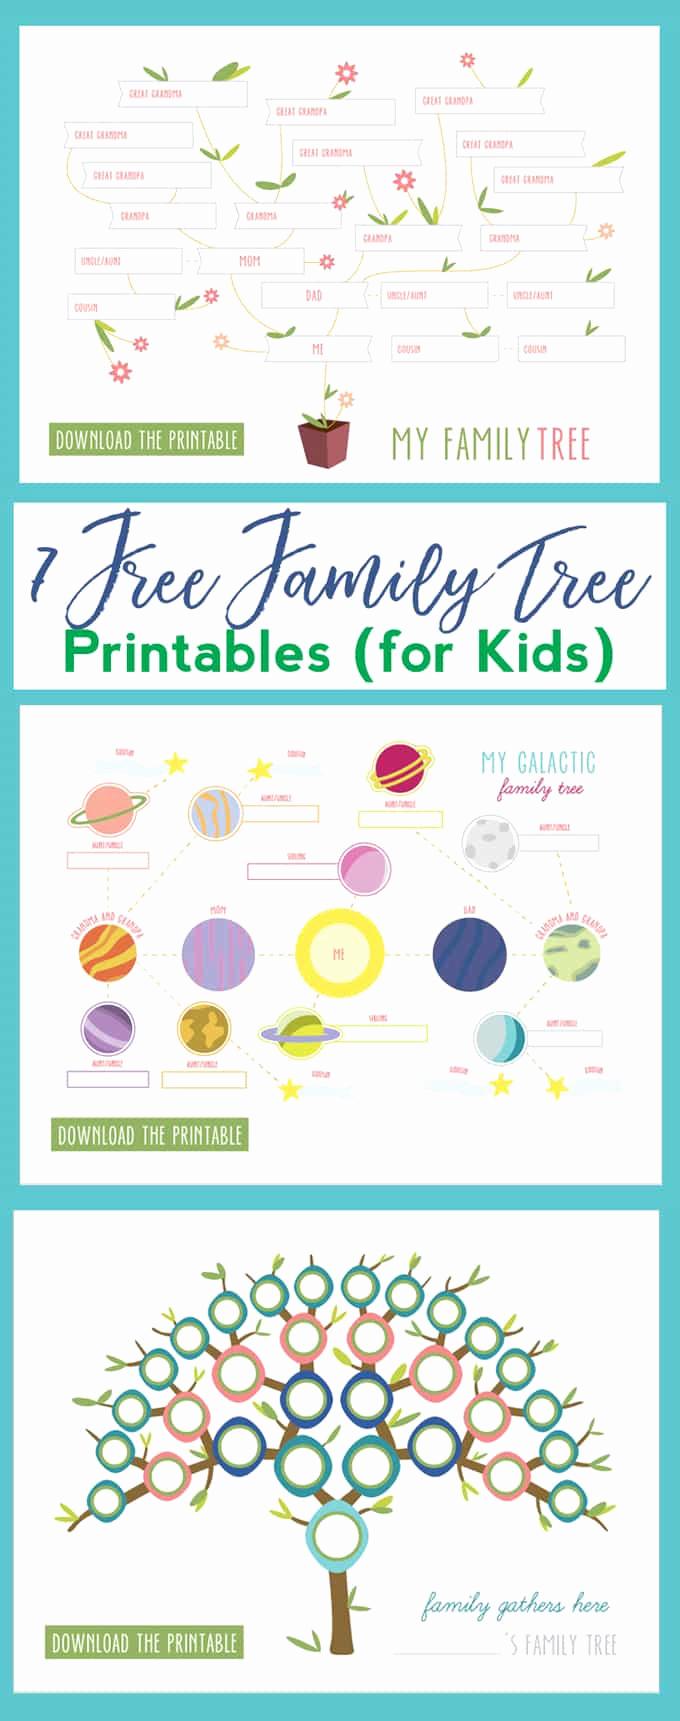 Family Tree Worksheets for Kids Elegant 7 Free Family Tree Printables